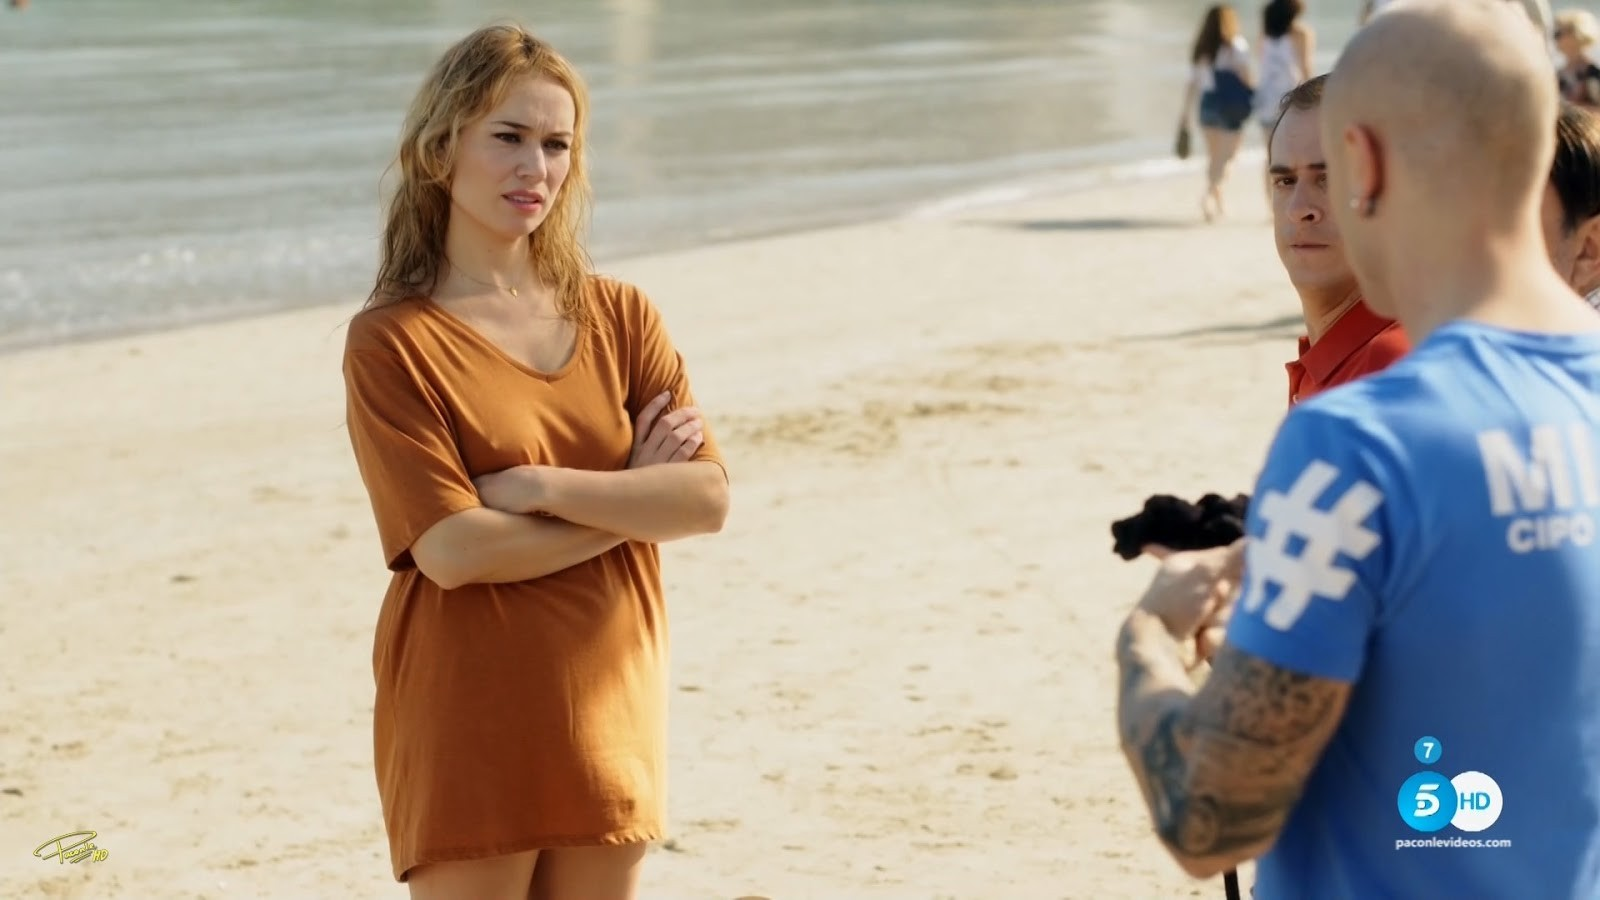 2 jovencitas de pezones duros en la playa 2 - 1 9